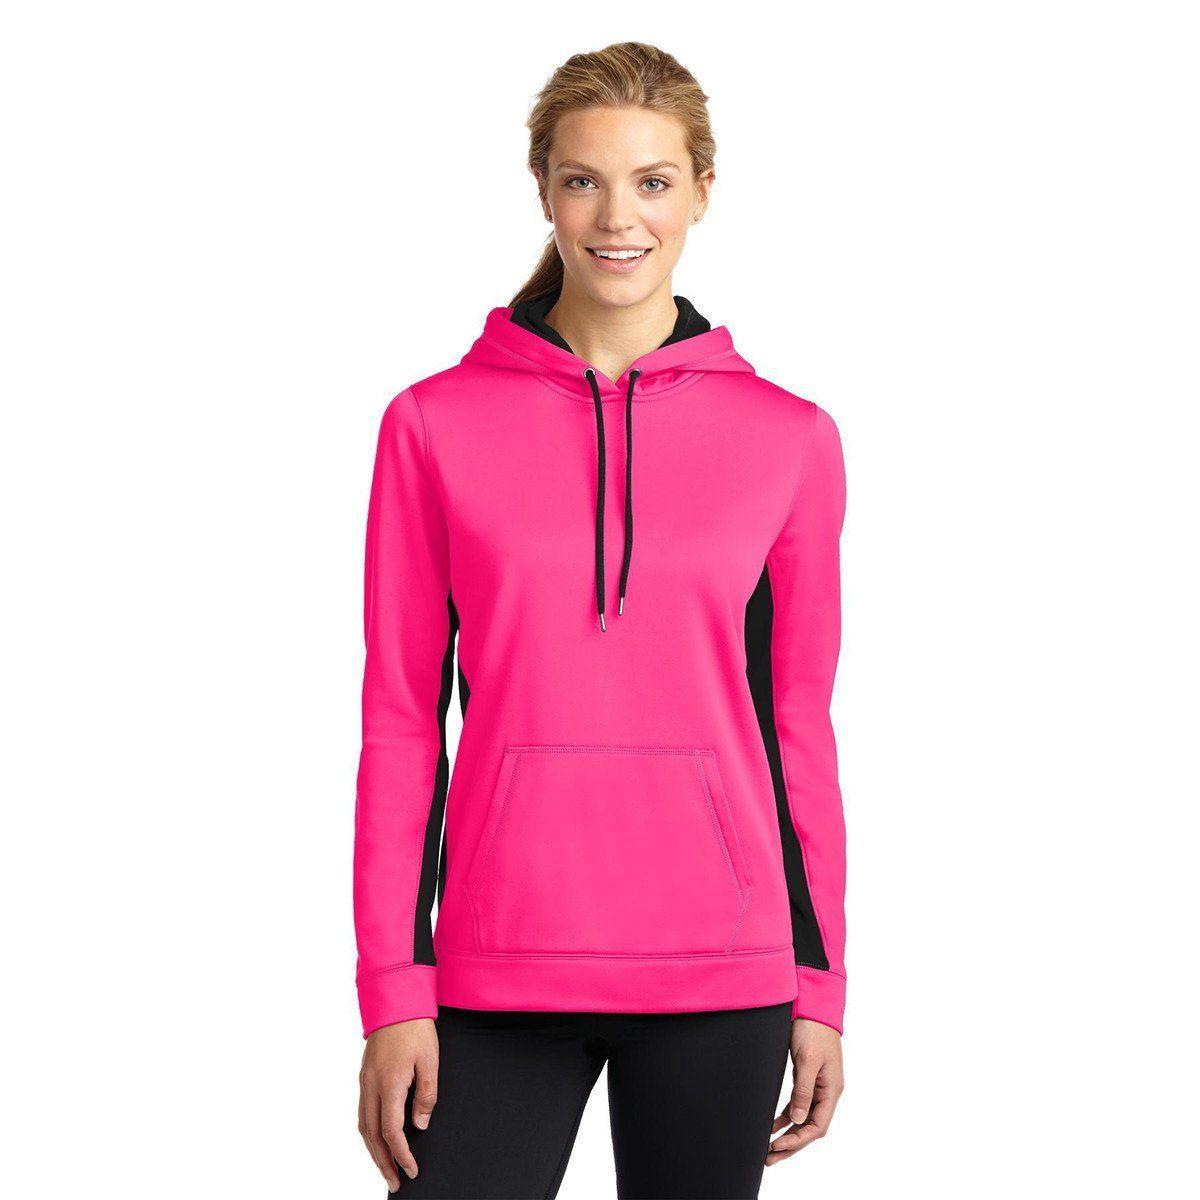 SportTek Women's Neon Pink/Black SportWick Fleece